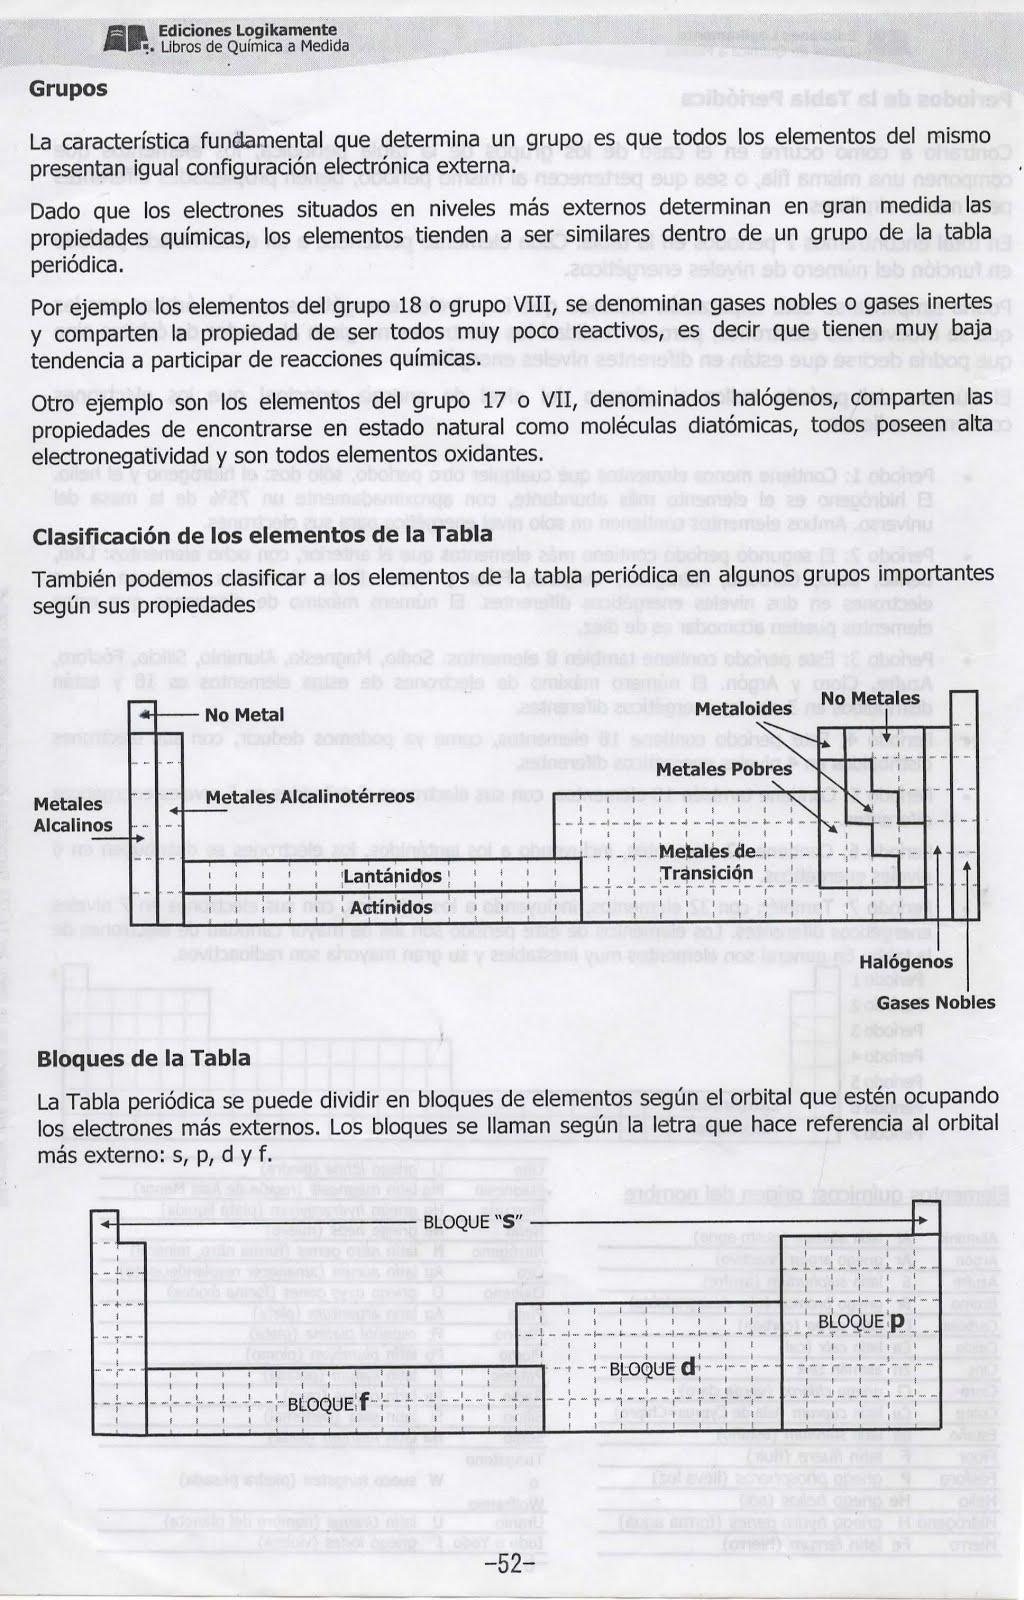 6 tabla peridica de los elementos media 9 fisicoquimica de segundo 6 tabla peridica de los elementos urtaz Gallery